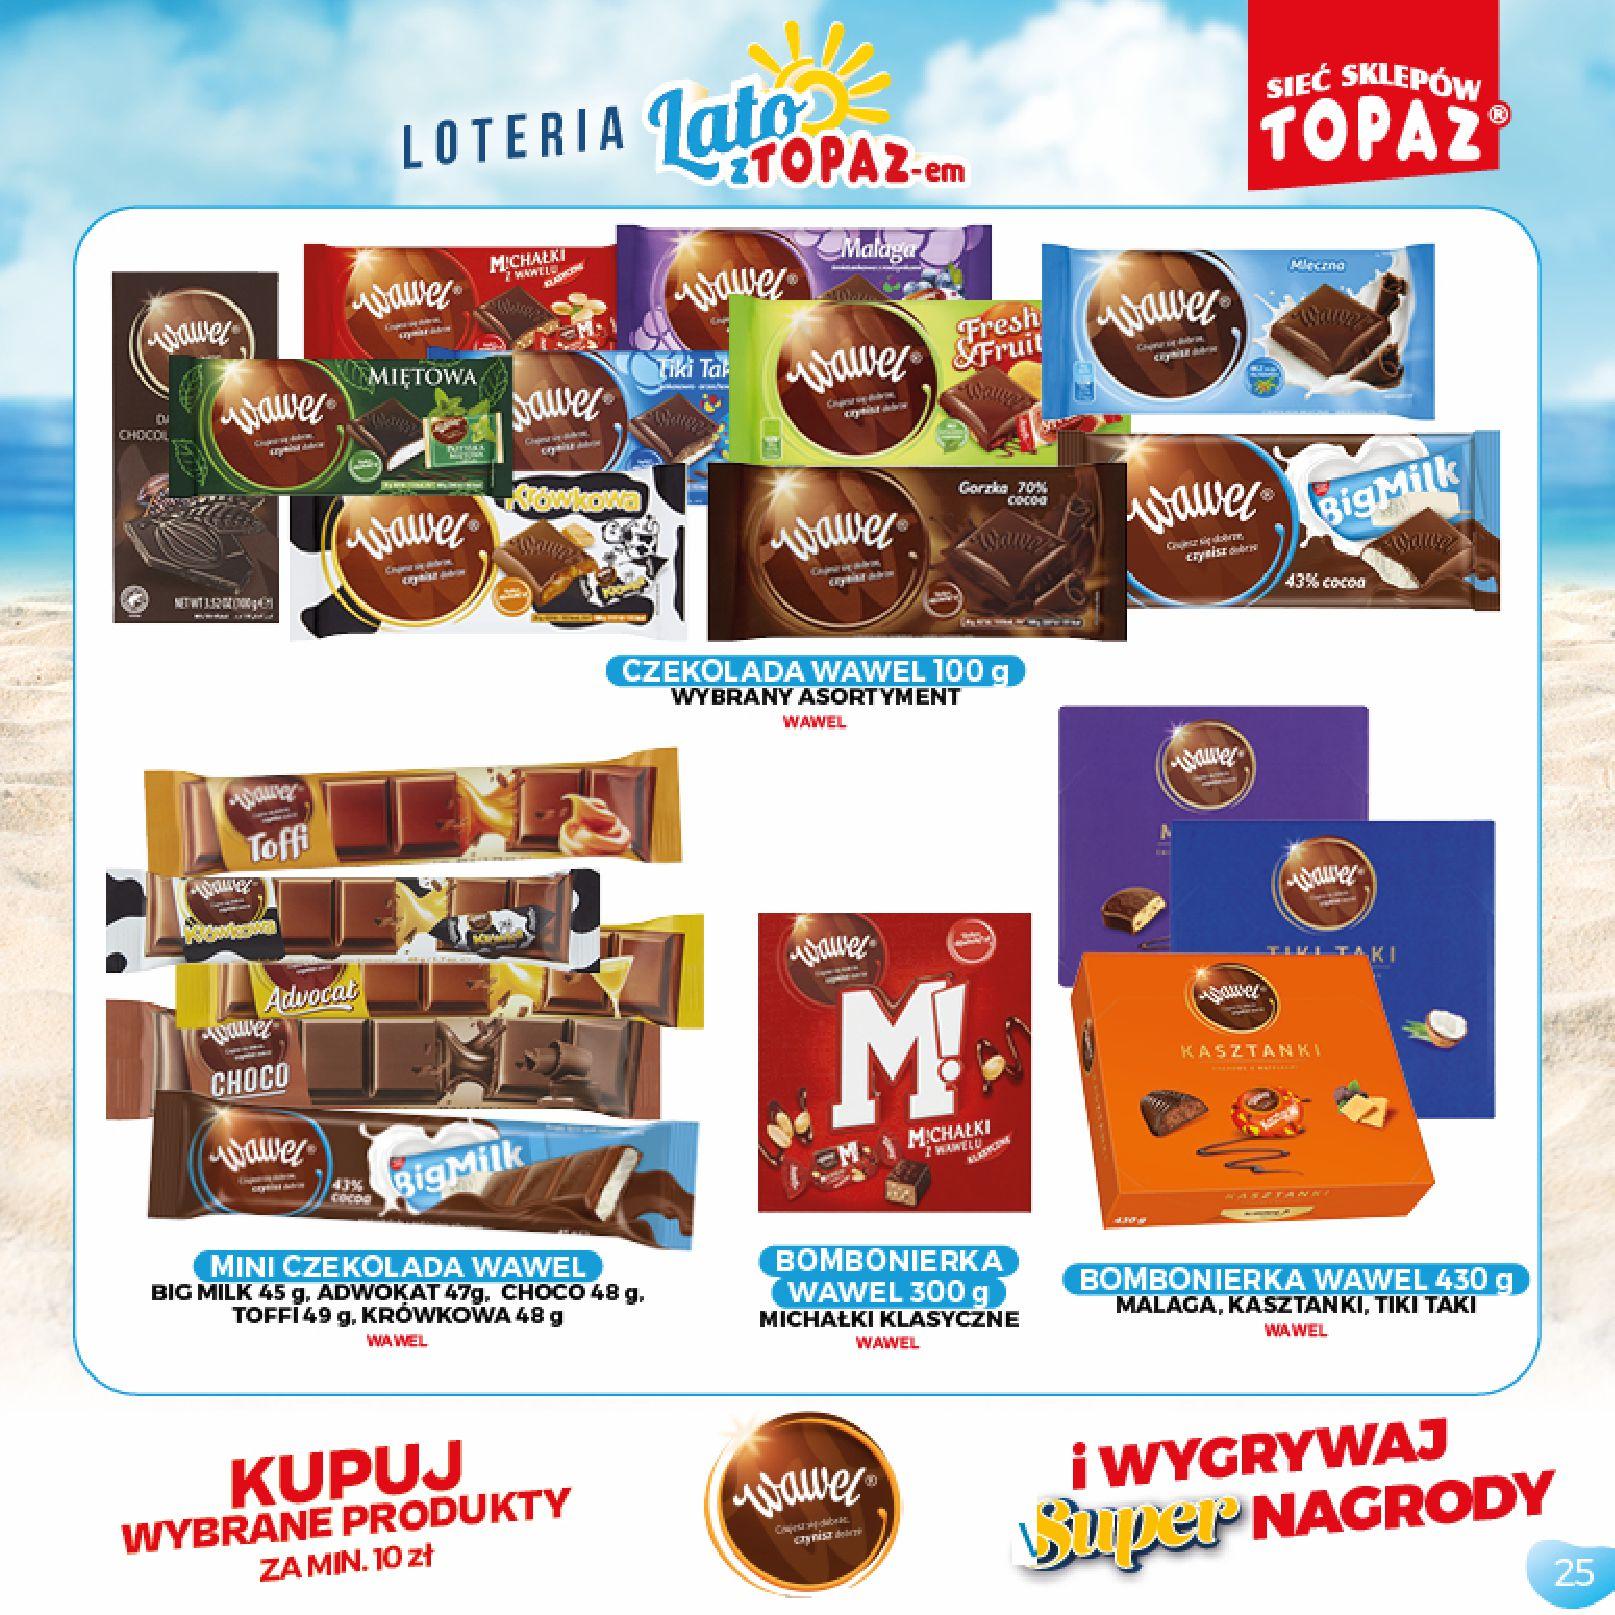 Gazetka TOPAZ: Gazetka TOPAZ - Loteria 2021-07-05 page-25